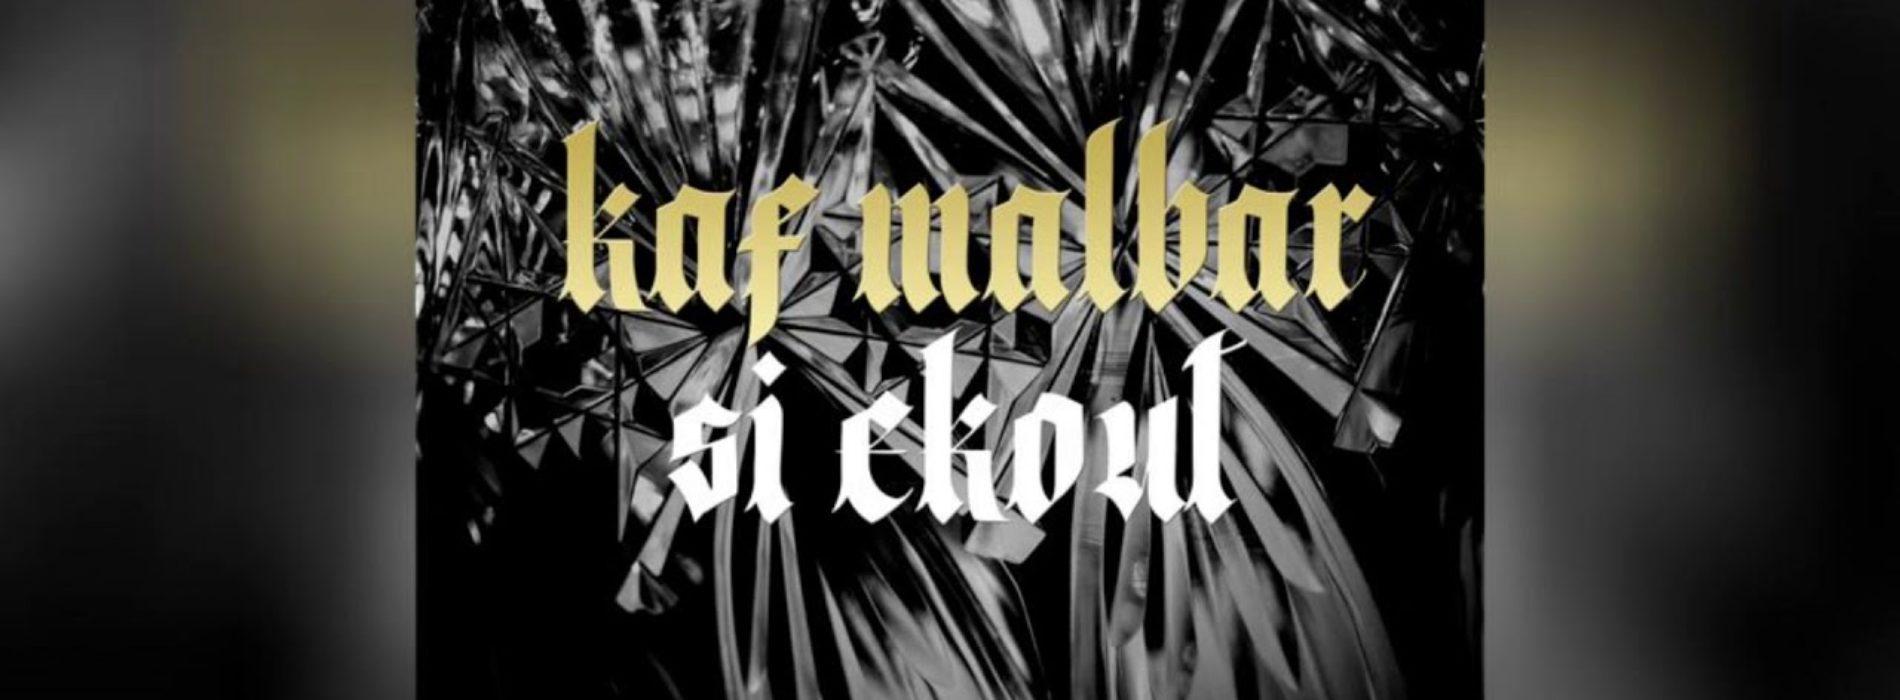 Kaf Malbar – Si ékout – Real Dawg Riddim – @ProdByMarcus